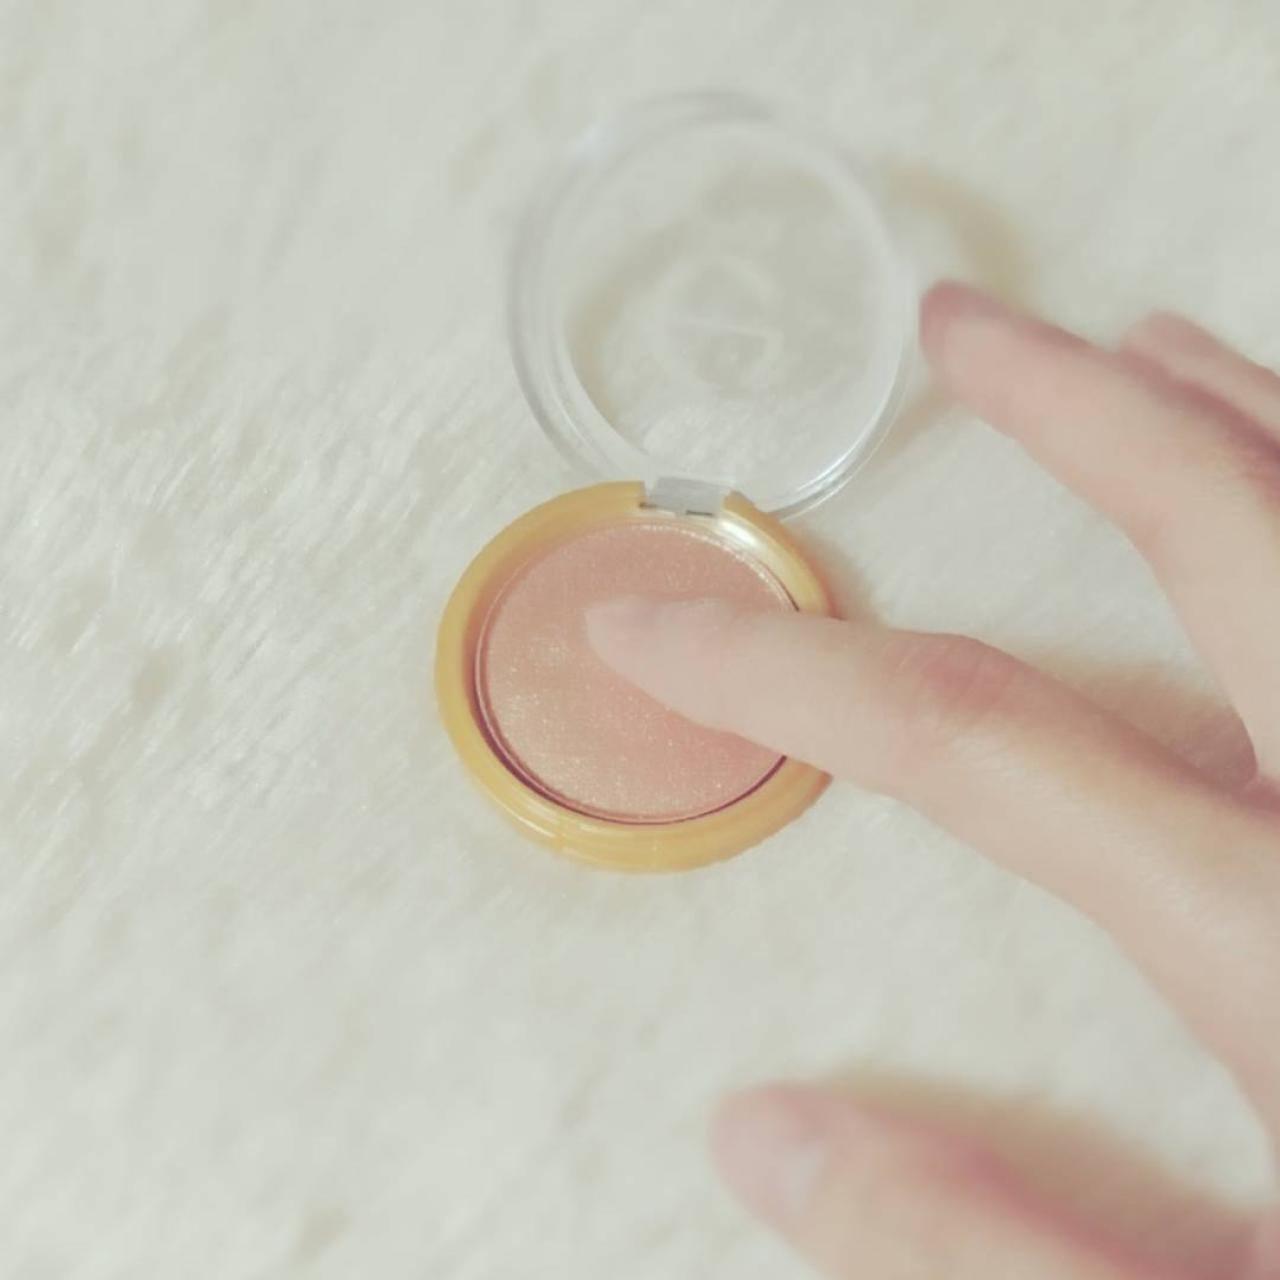 アイシャドウは指でささっと